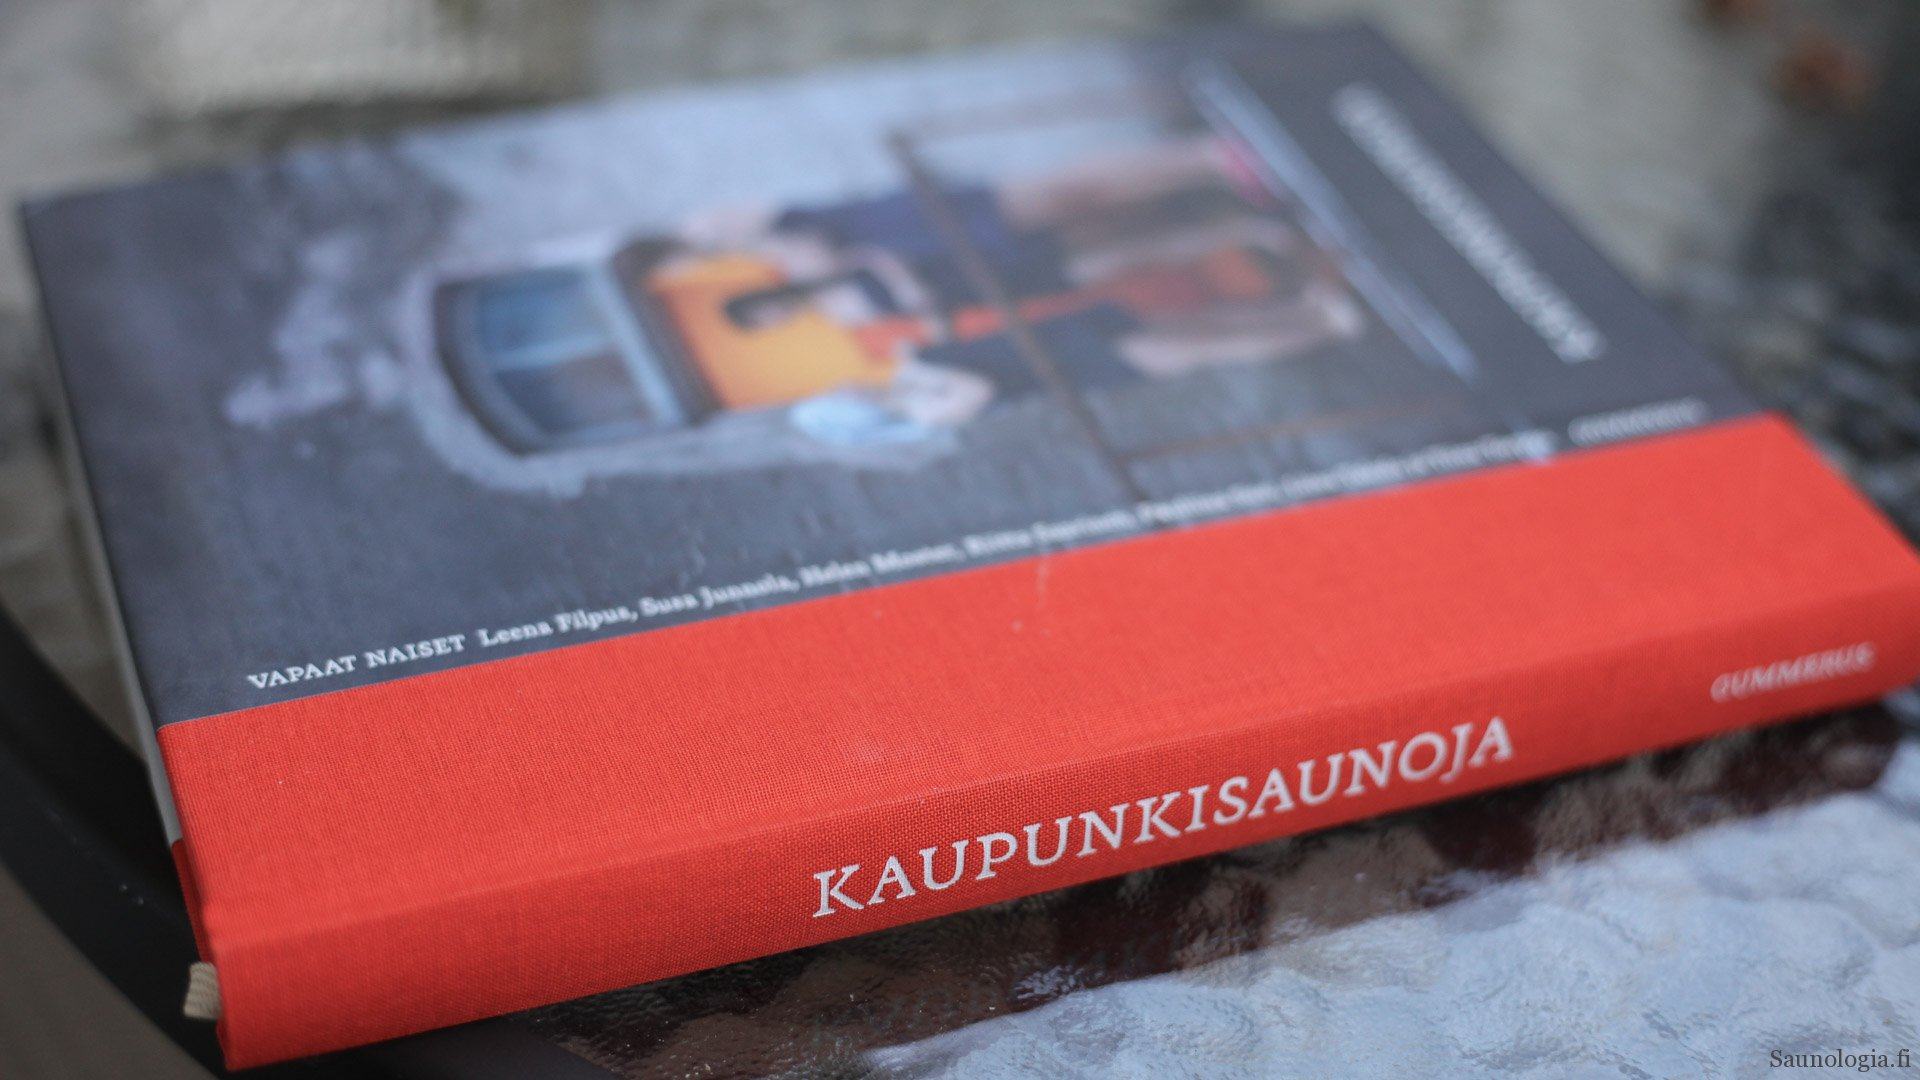 Kirja-arvio: Kaupunkisaunoja vie matkalle Suomen yleisiin saunoihin